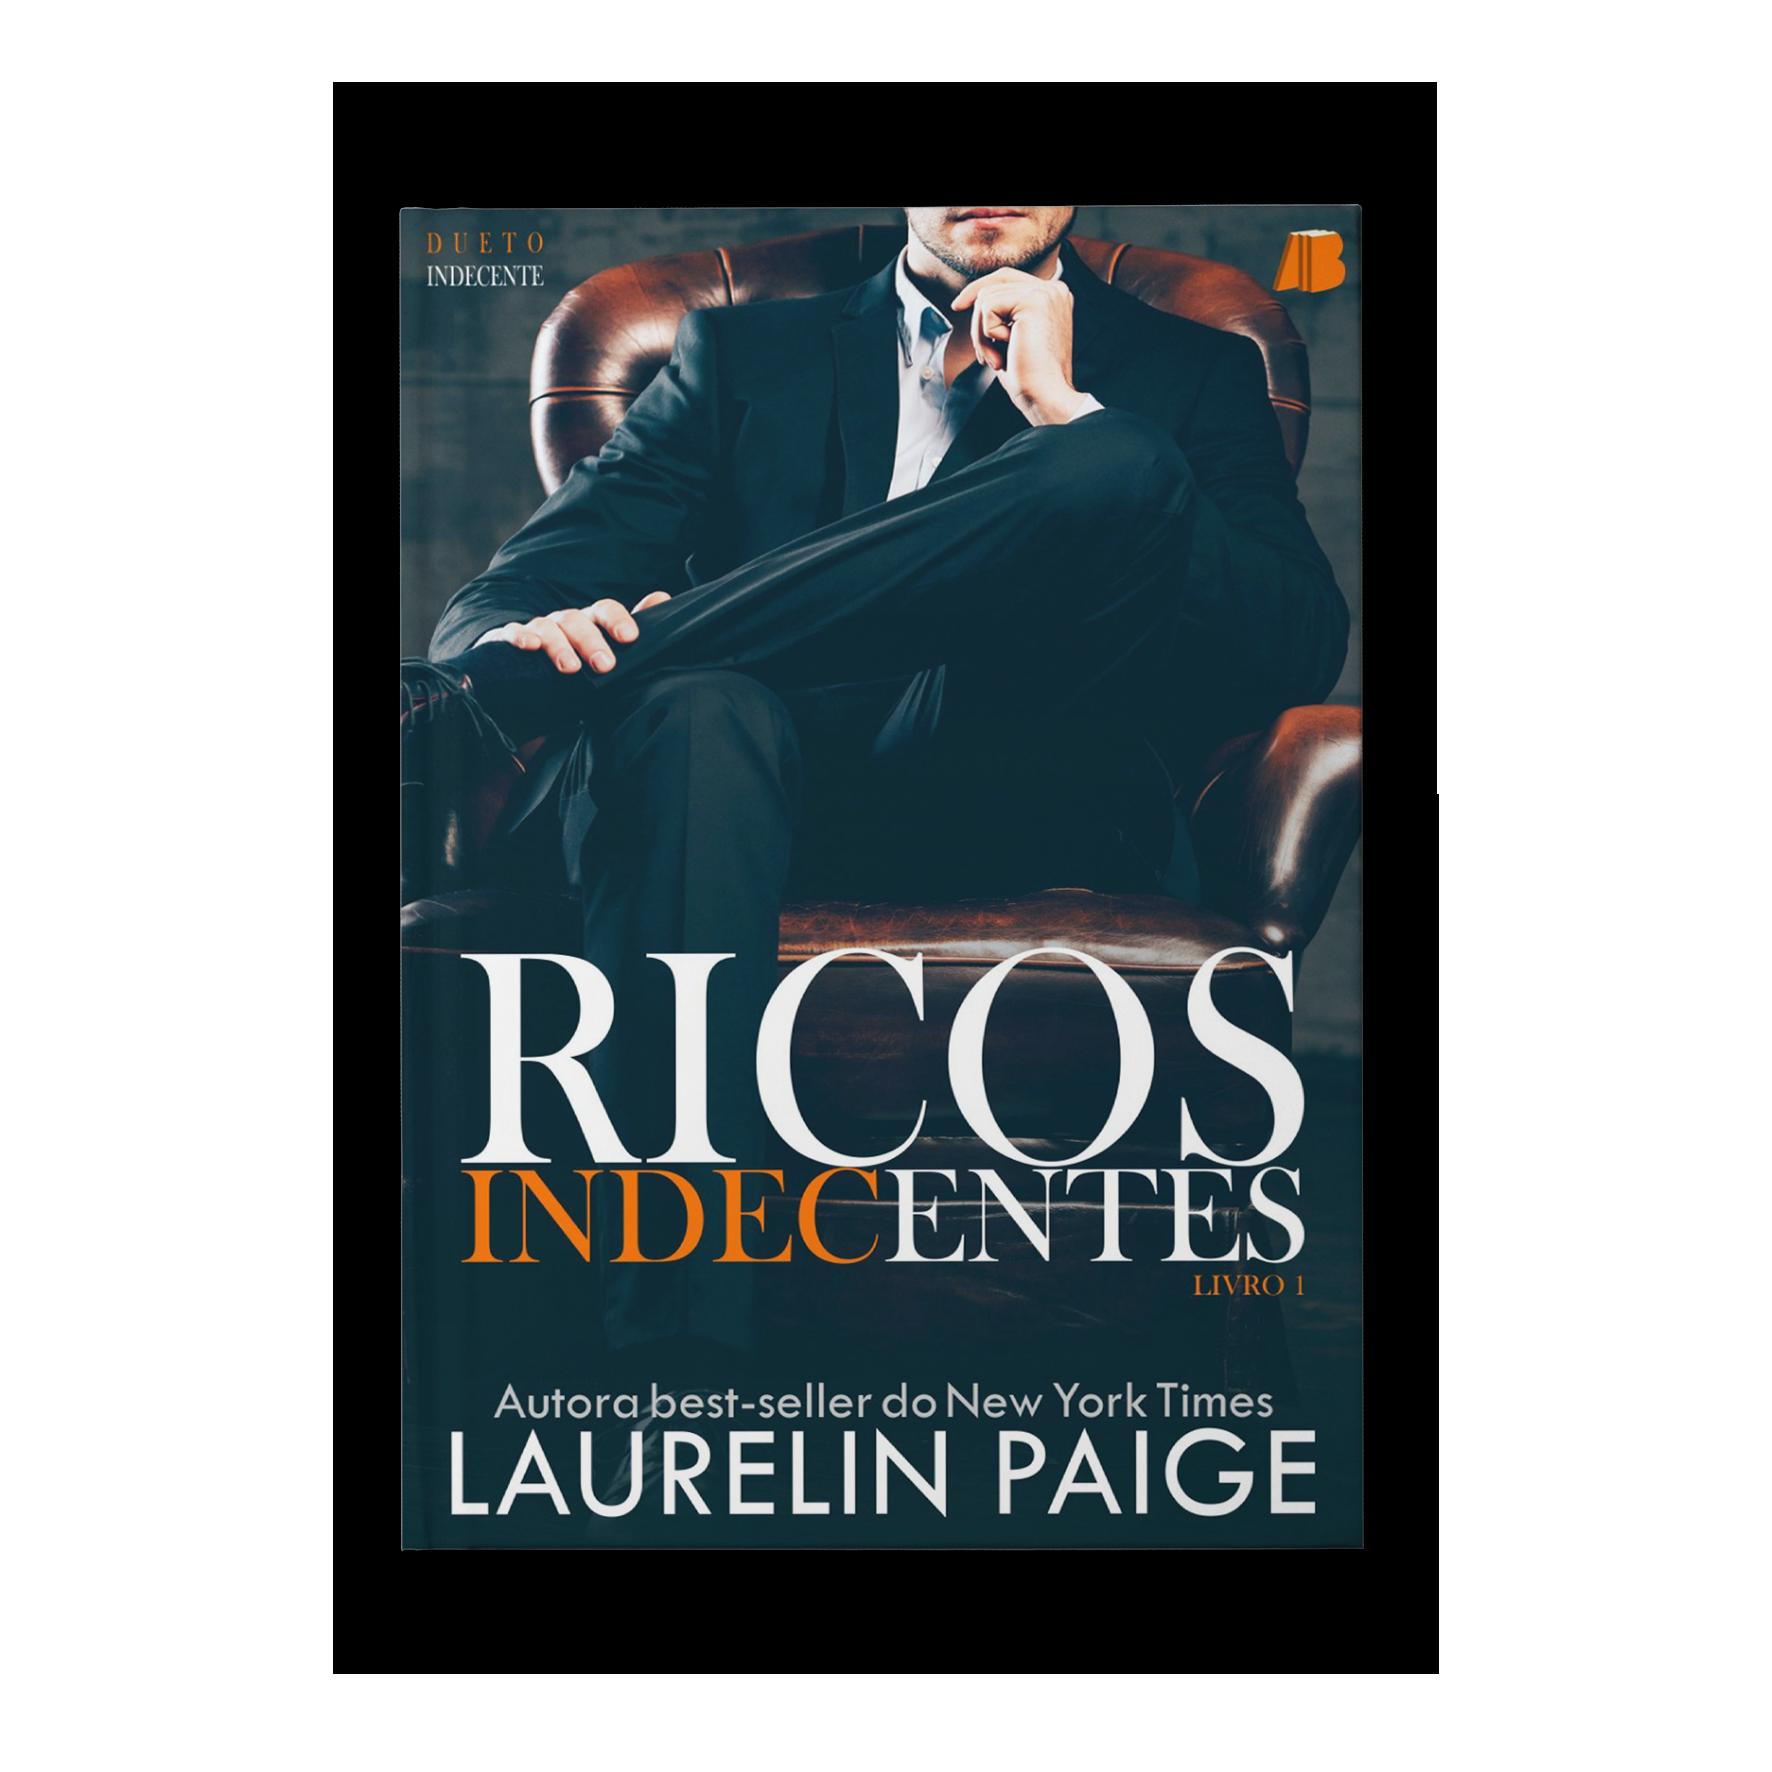 Ricos indecentes – Laurelin Paige